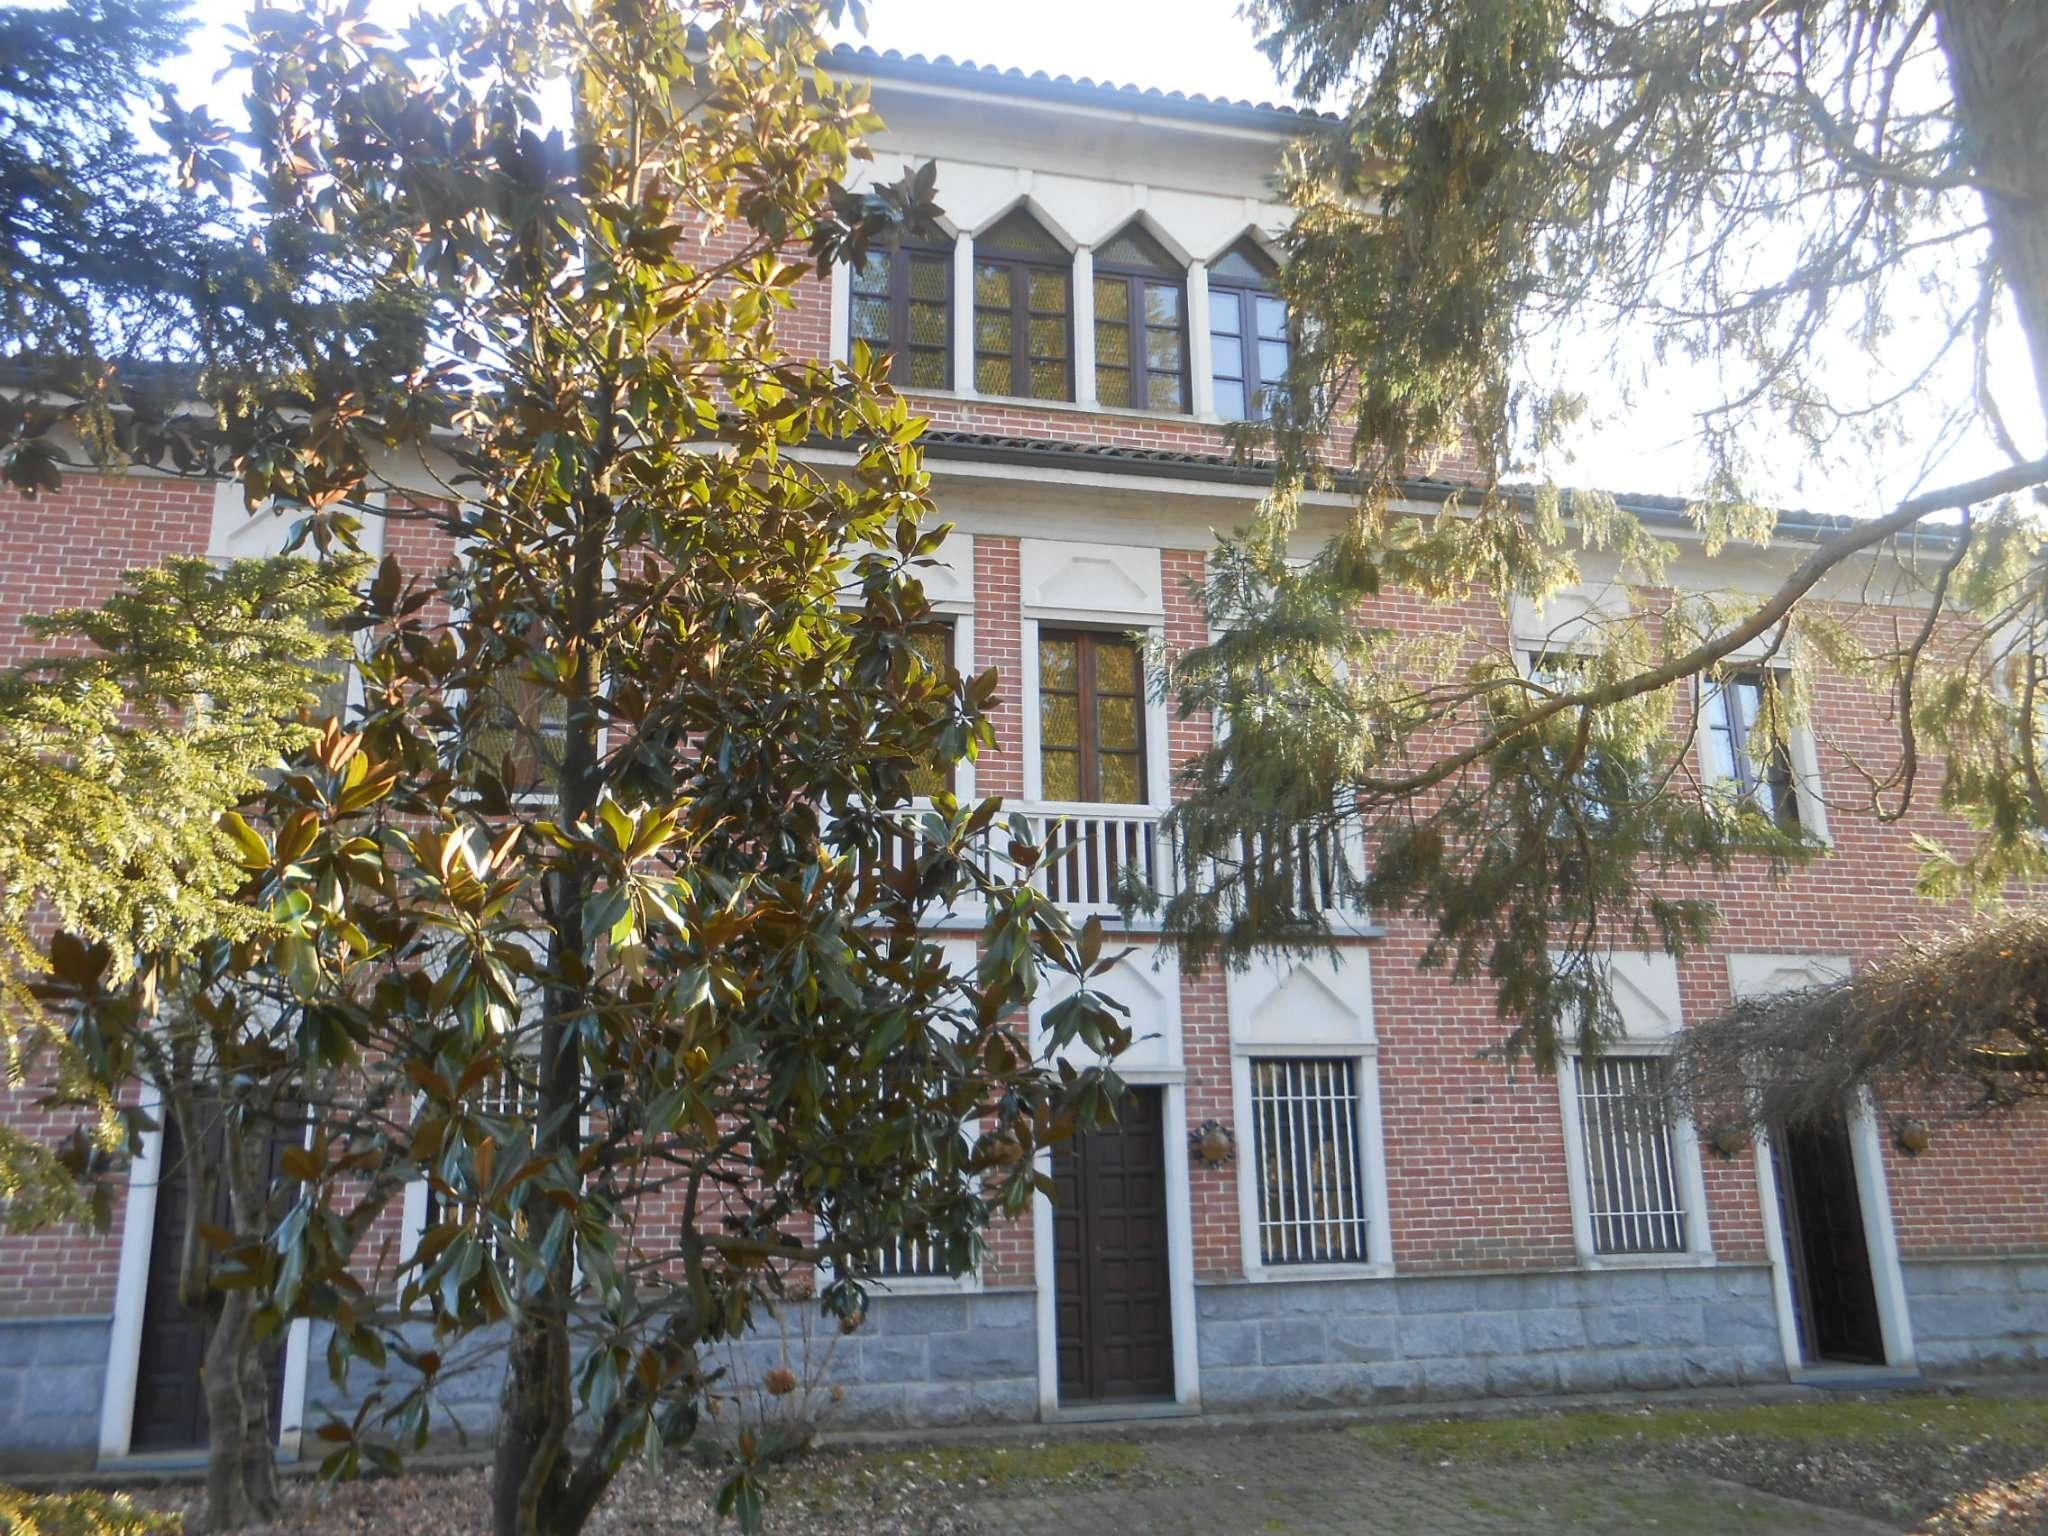 Soluzione Indipendente in vendita a Tigliole, 15 locali, prezzo € 350.000 | CambioCasa.it